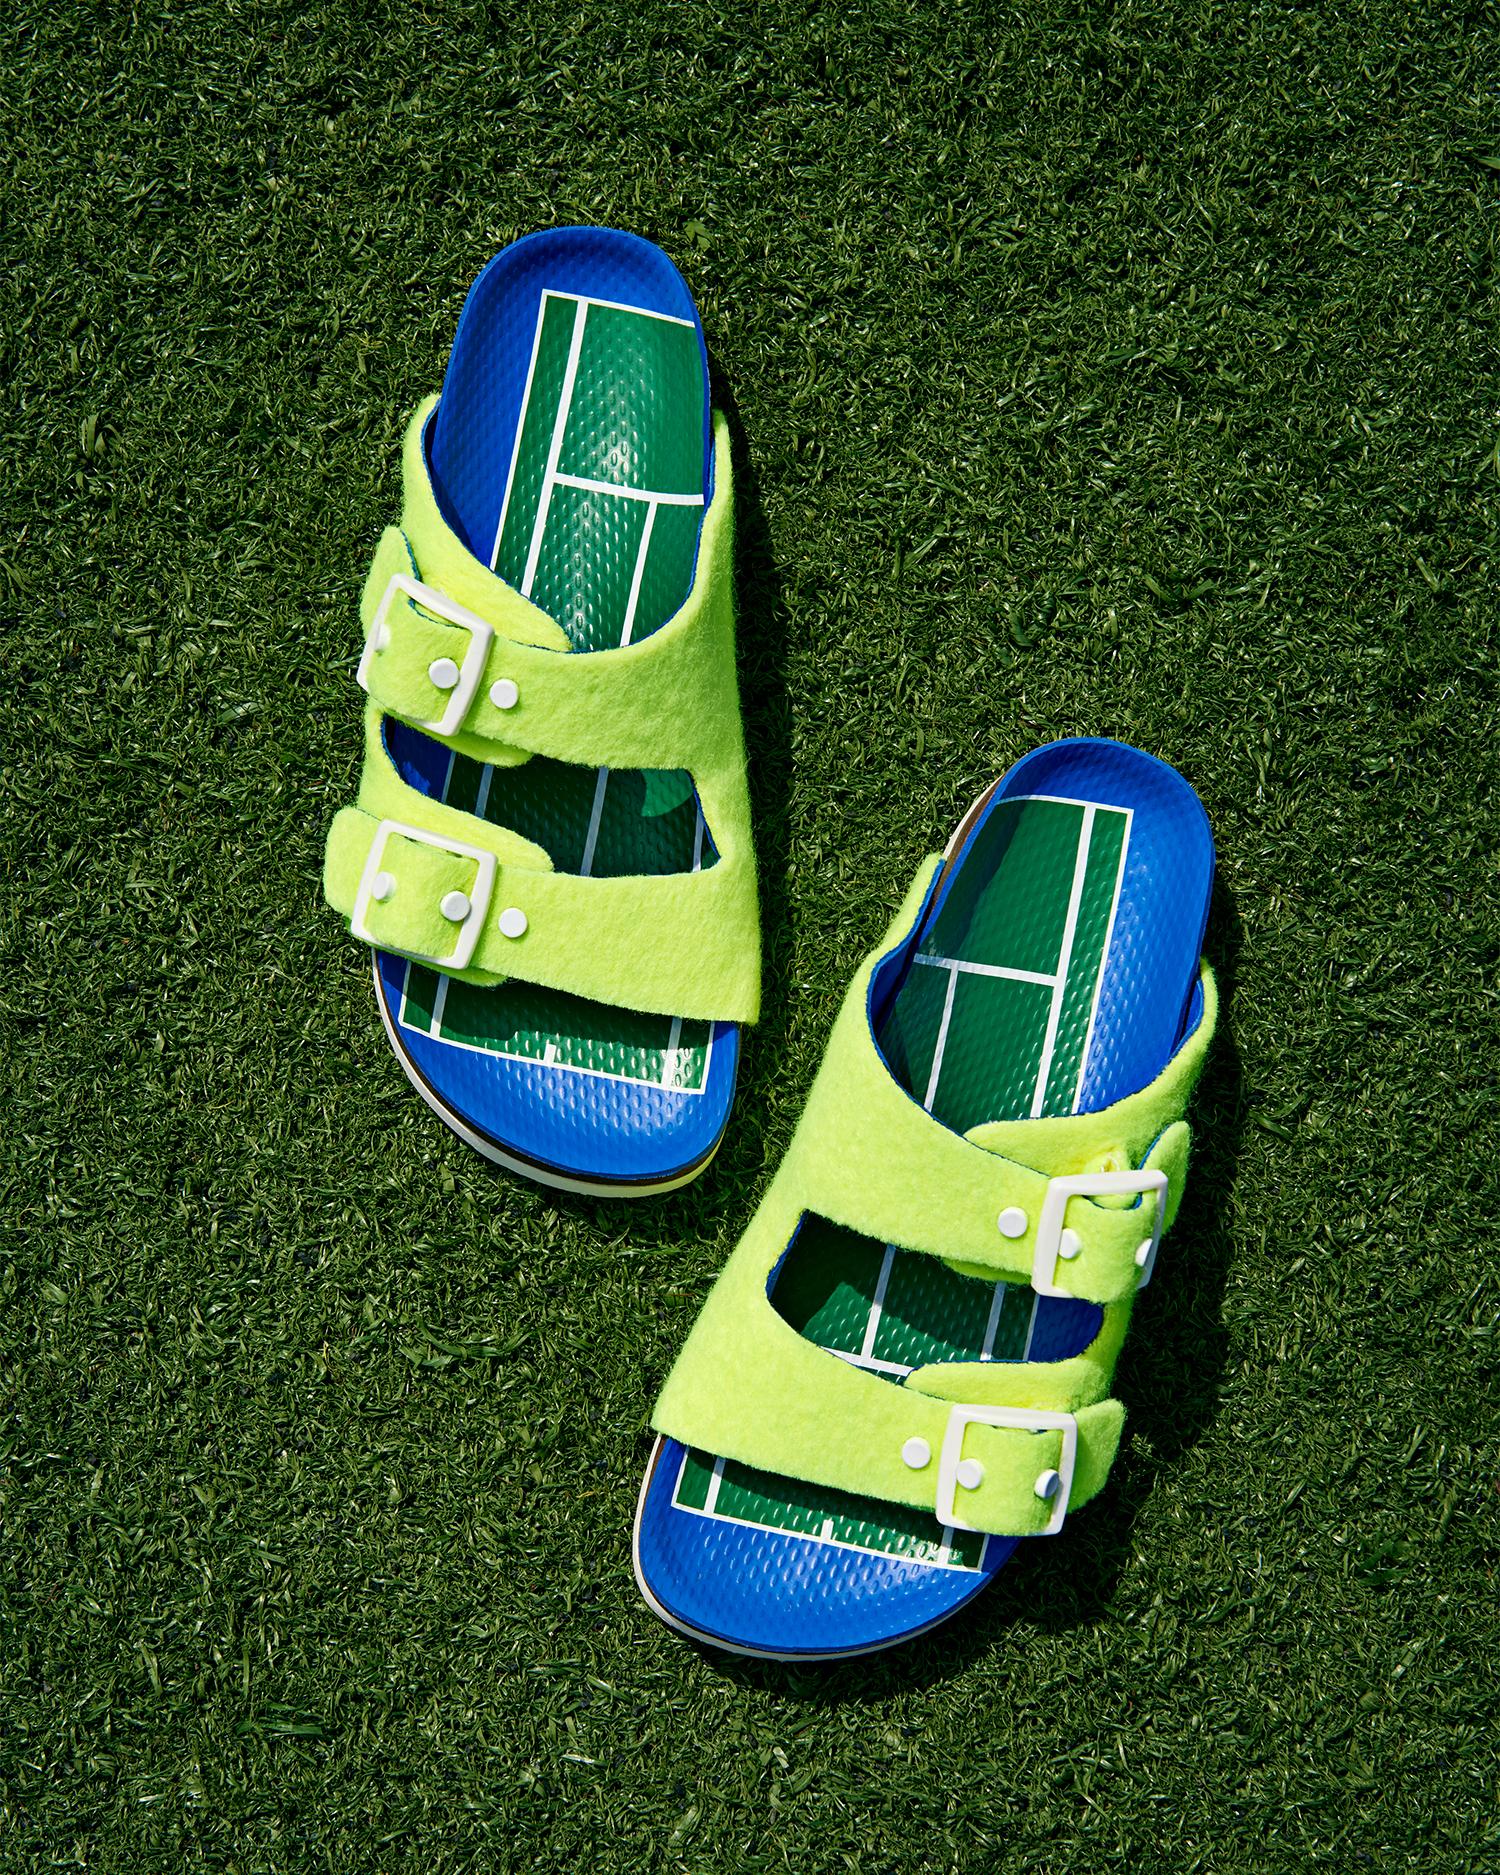 Sandles on Grass 1 v1.jpg